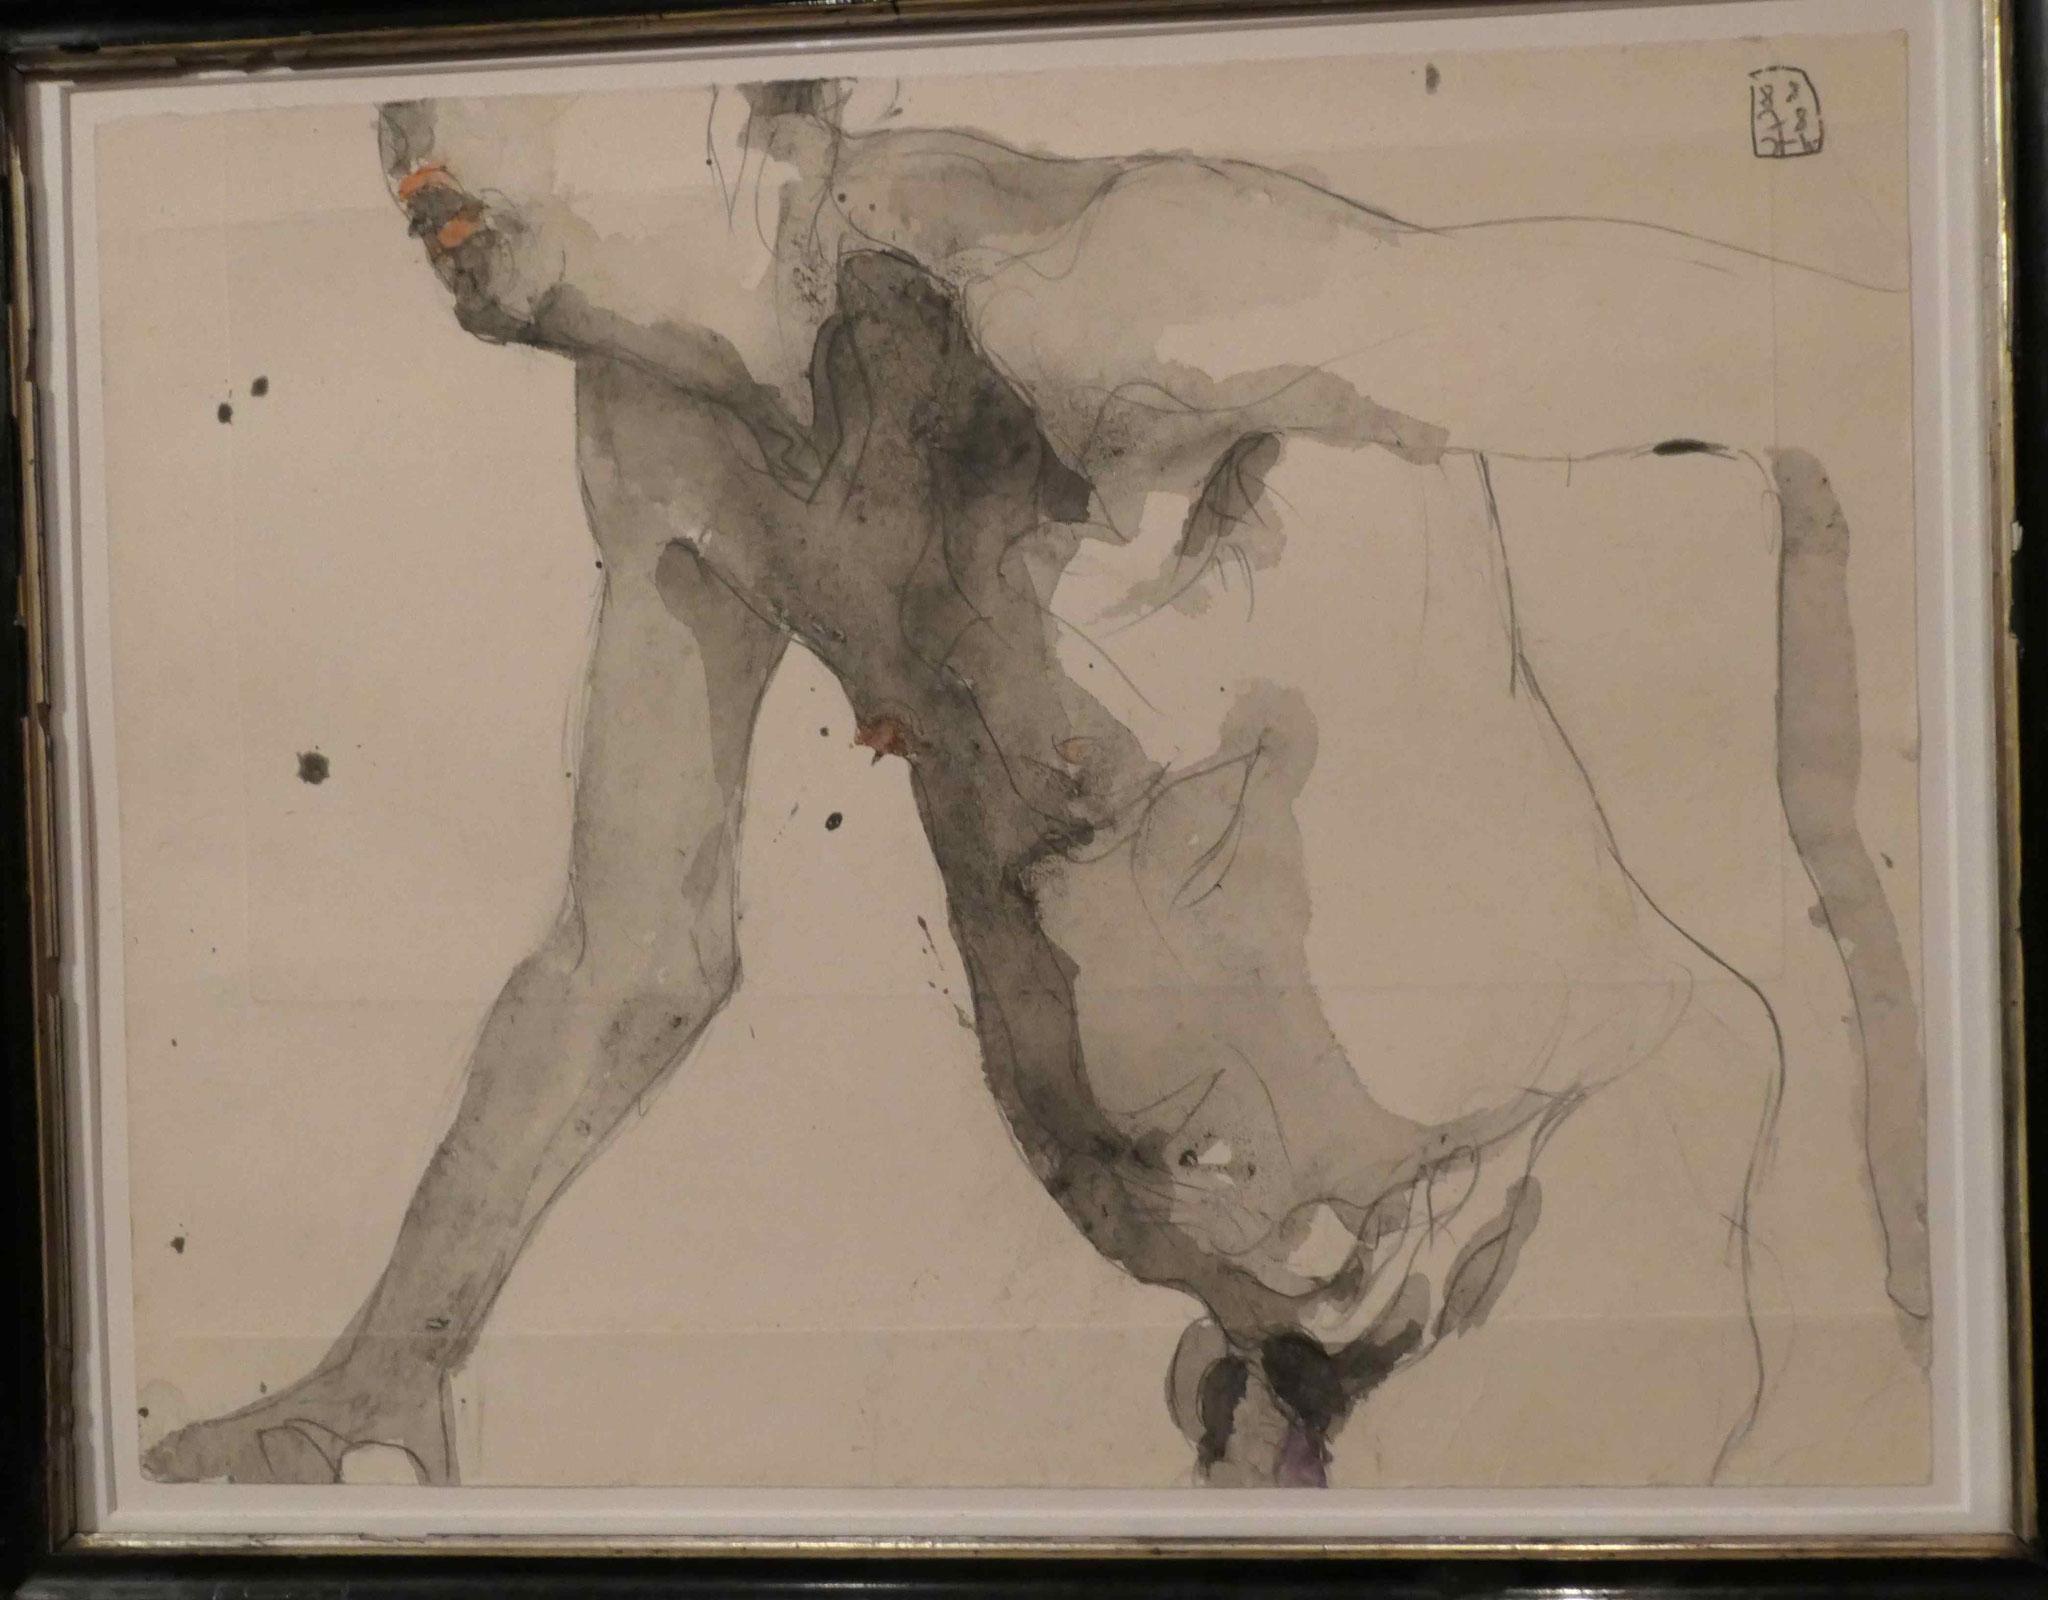 """Horst Janssen, Sonderausstellung """"Lebensklekse-Todeszeichen"""", Sammlung Scharf-Gerstenberg, Berlin"""